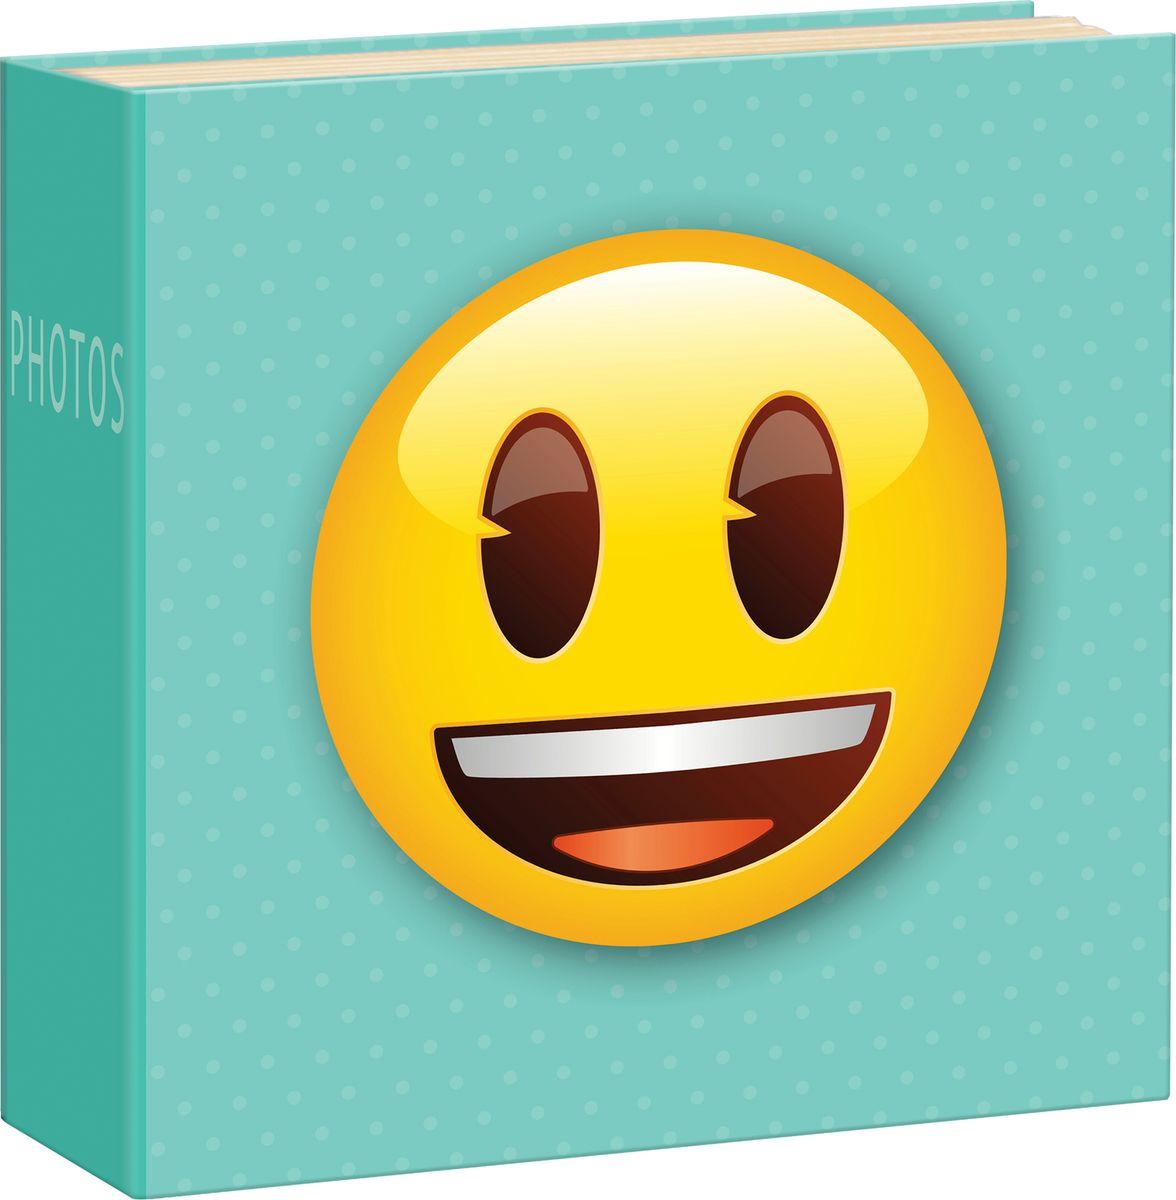 Фотоальбом Innova Emoji Slip Smiley, цвет: голубой, 200 фотографий, 10 x 15 см фотоальбом platinum классика 240 фотографий 10 x 15 см